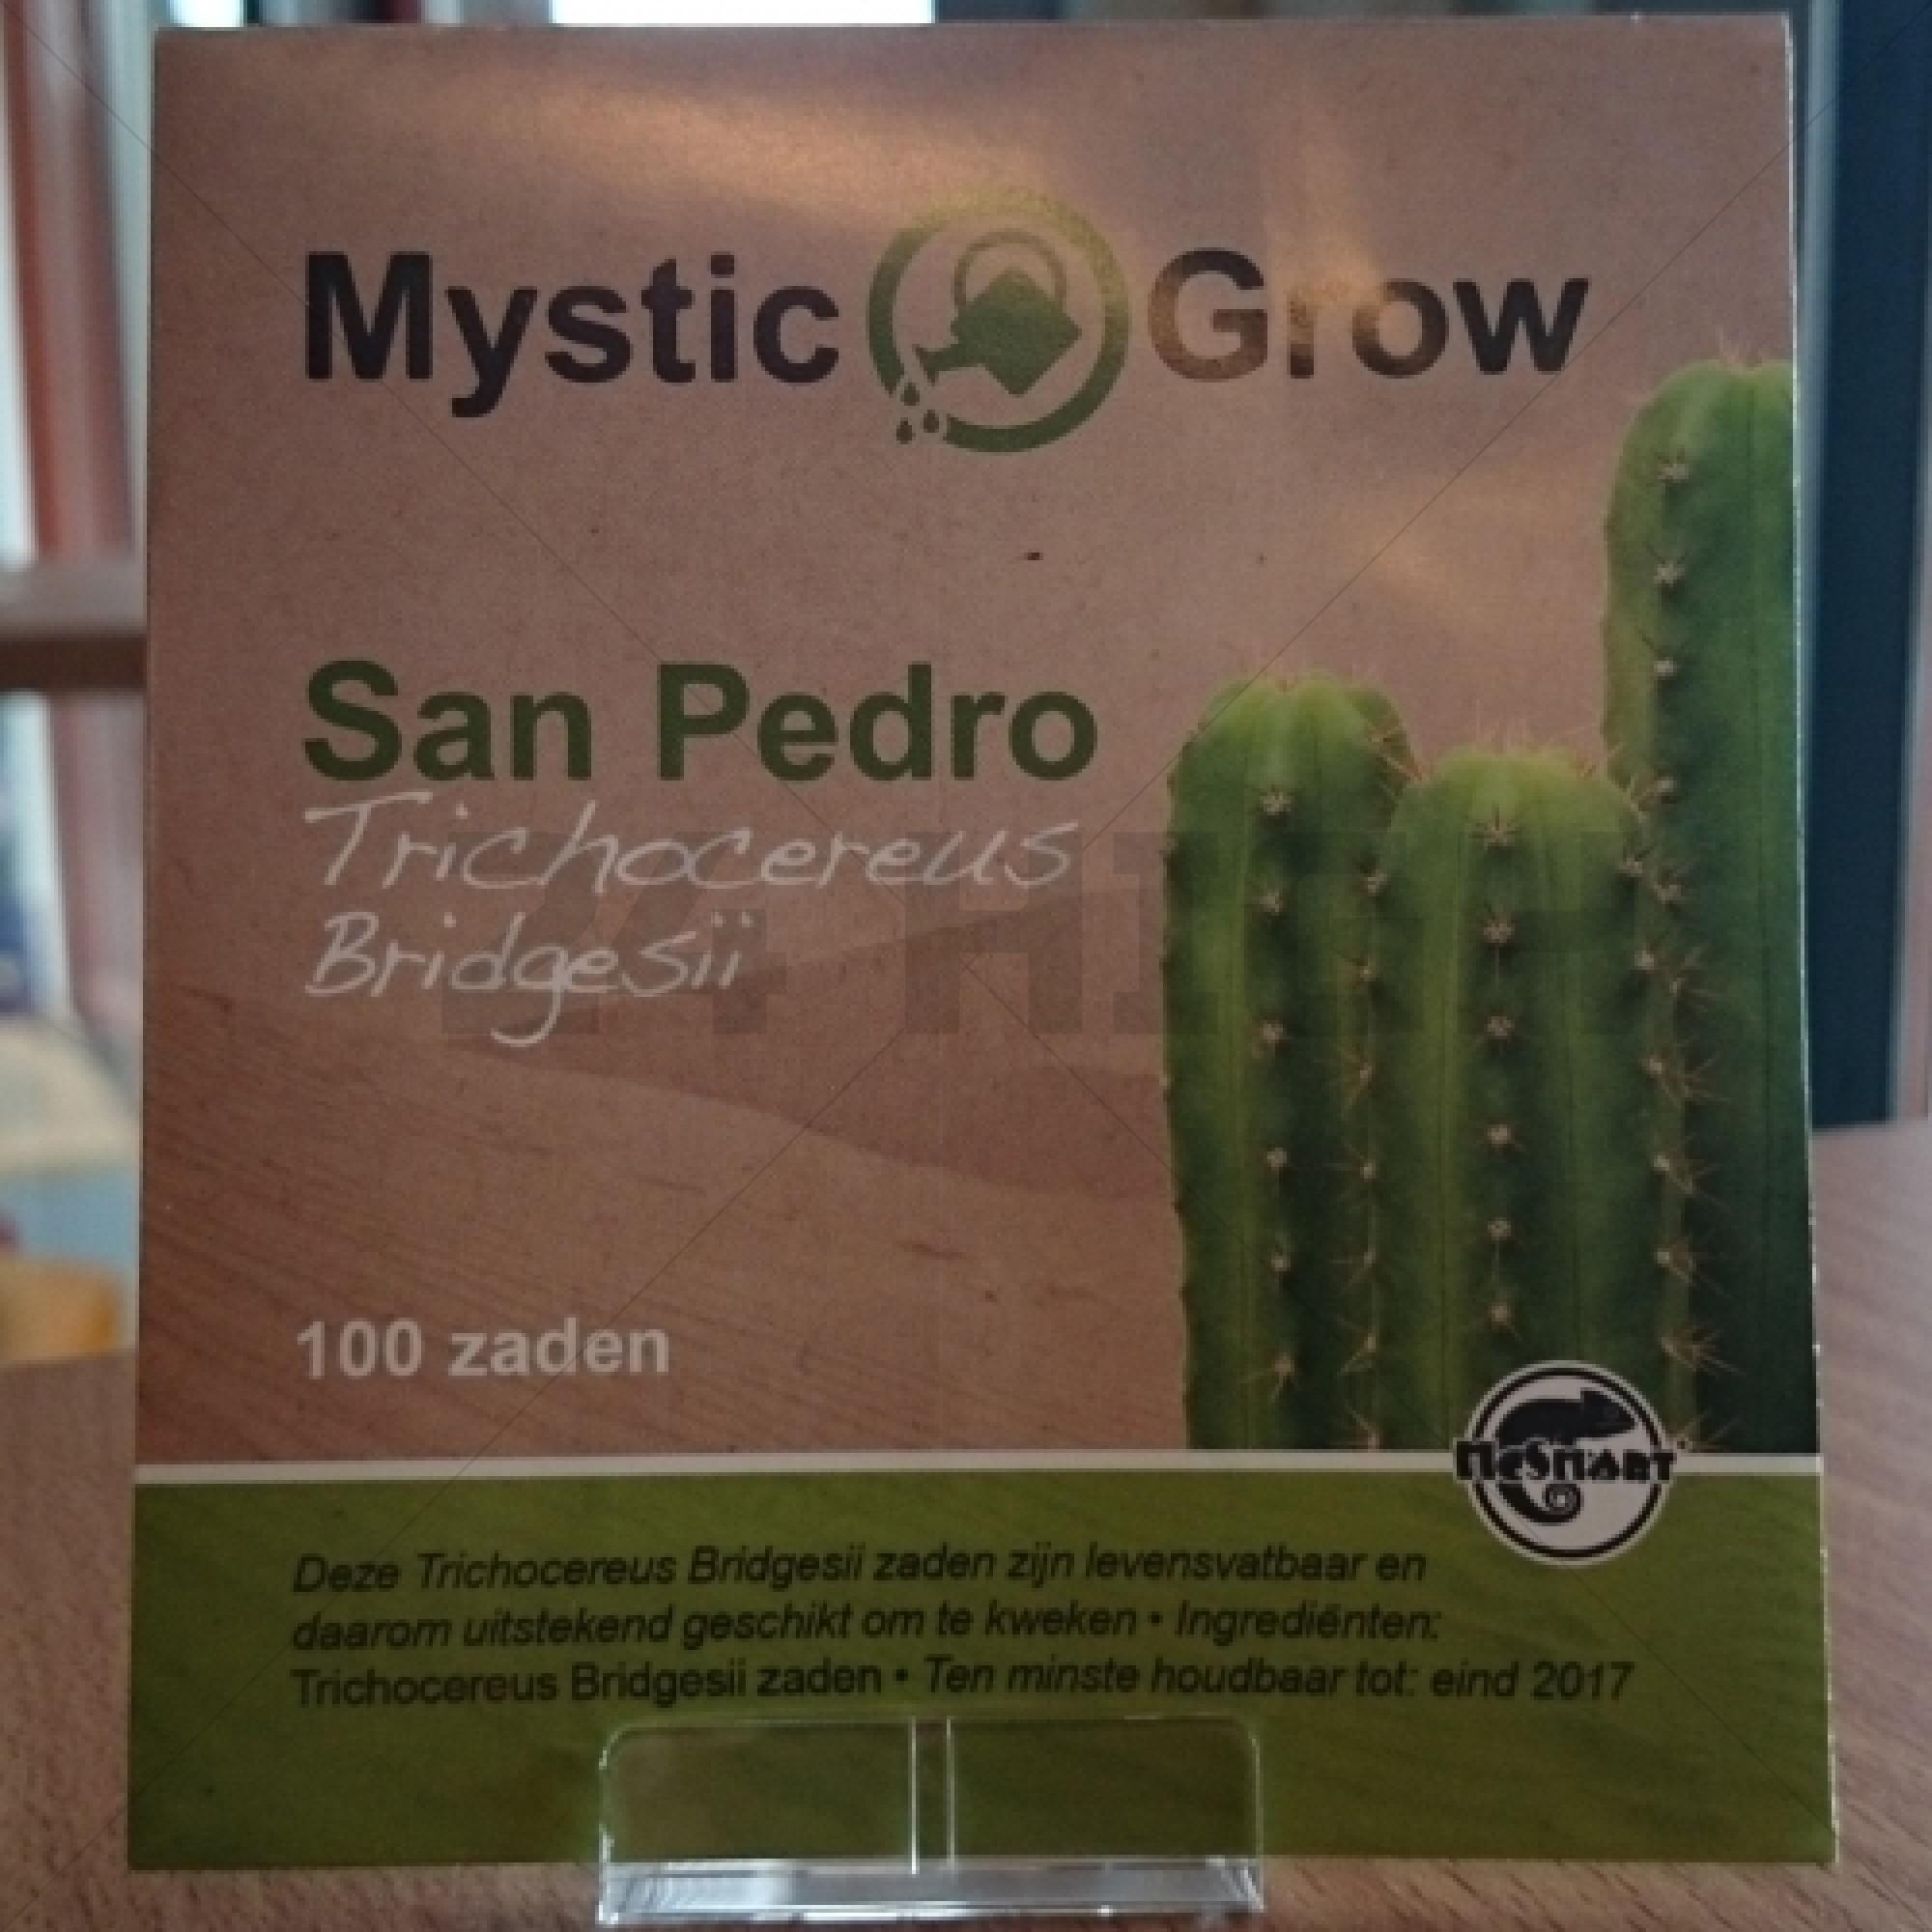 San Pedro seeds (Trichocereus bridgesii)